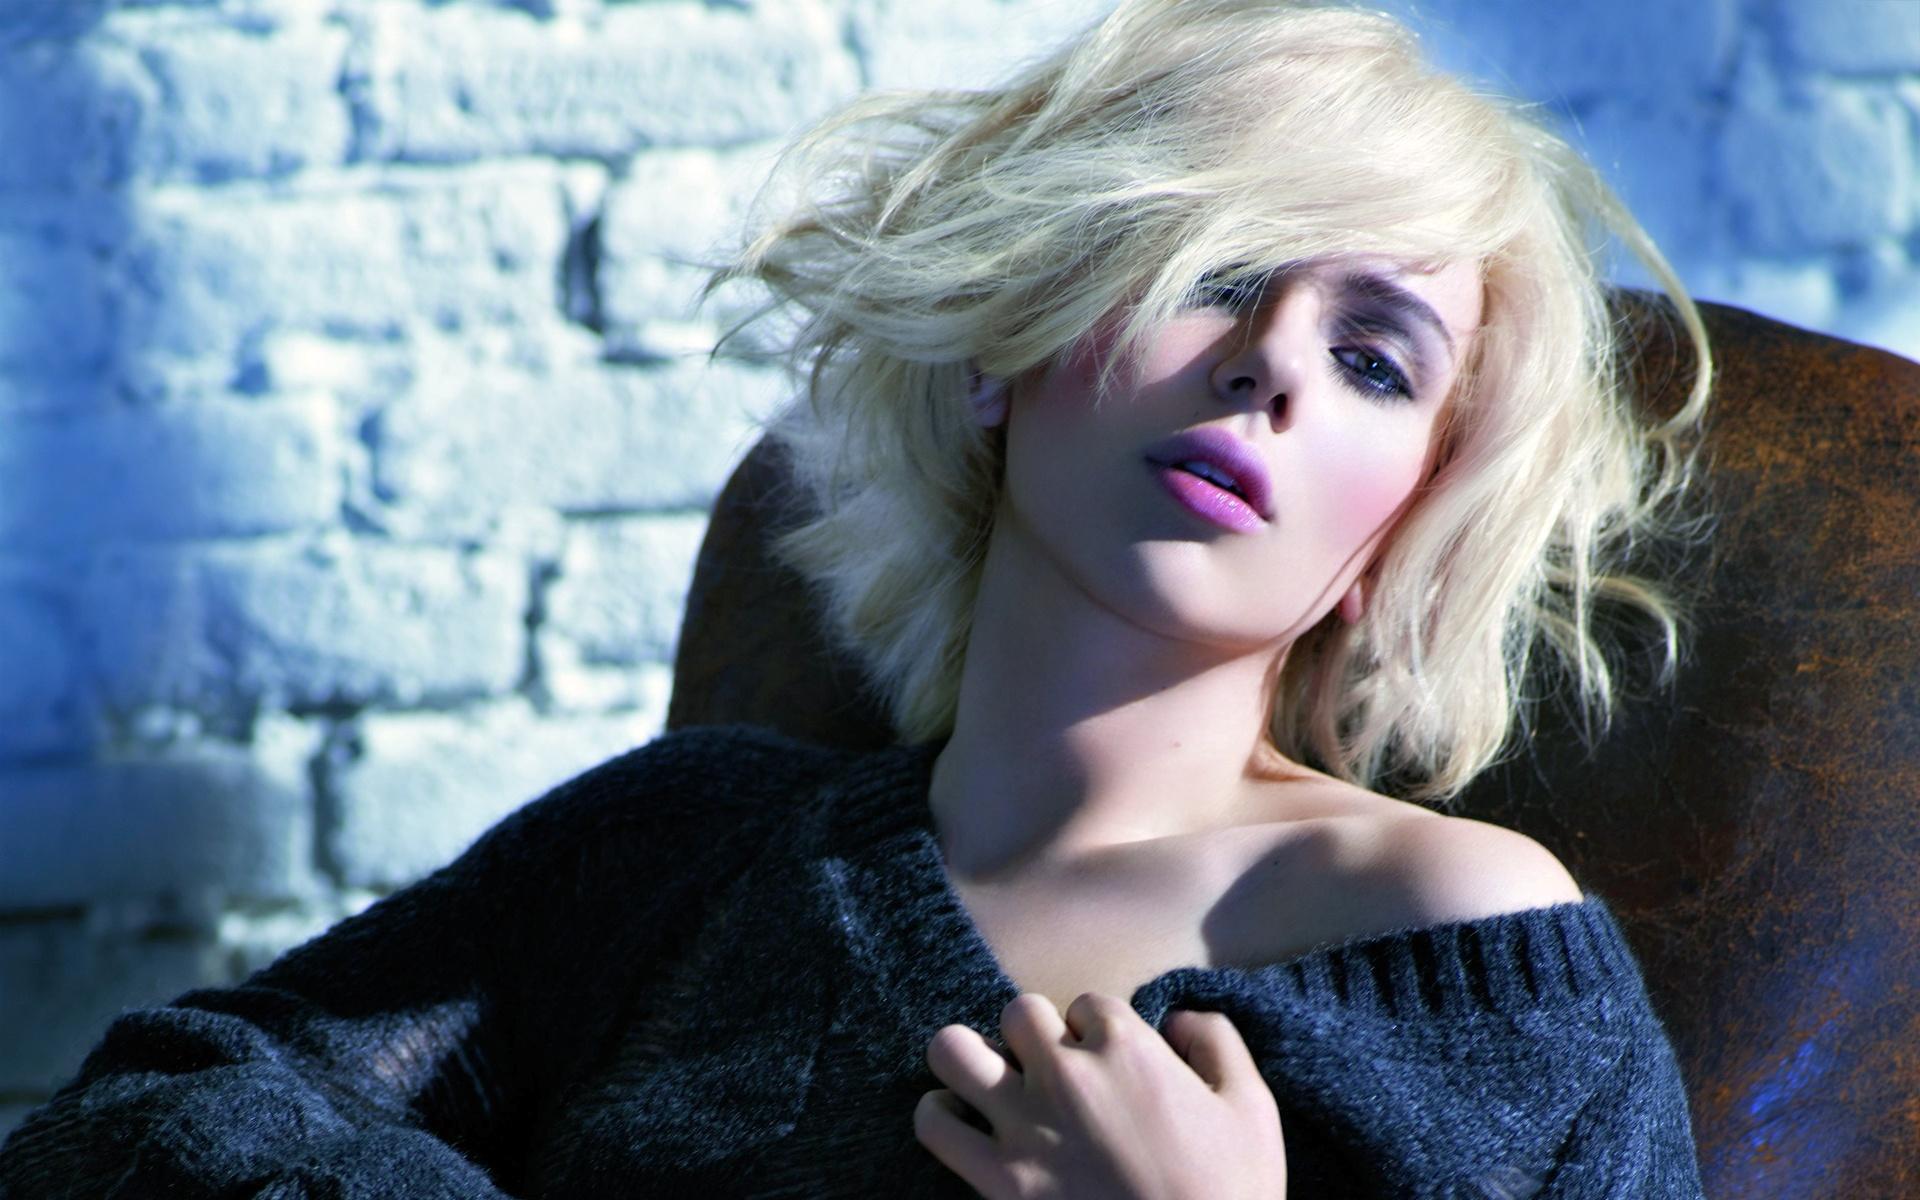 Фото блондинка с косой 5 фотография